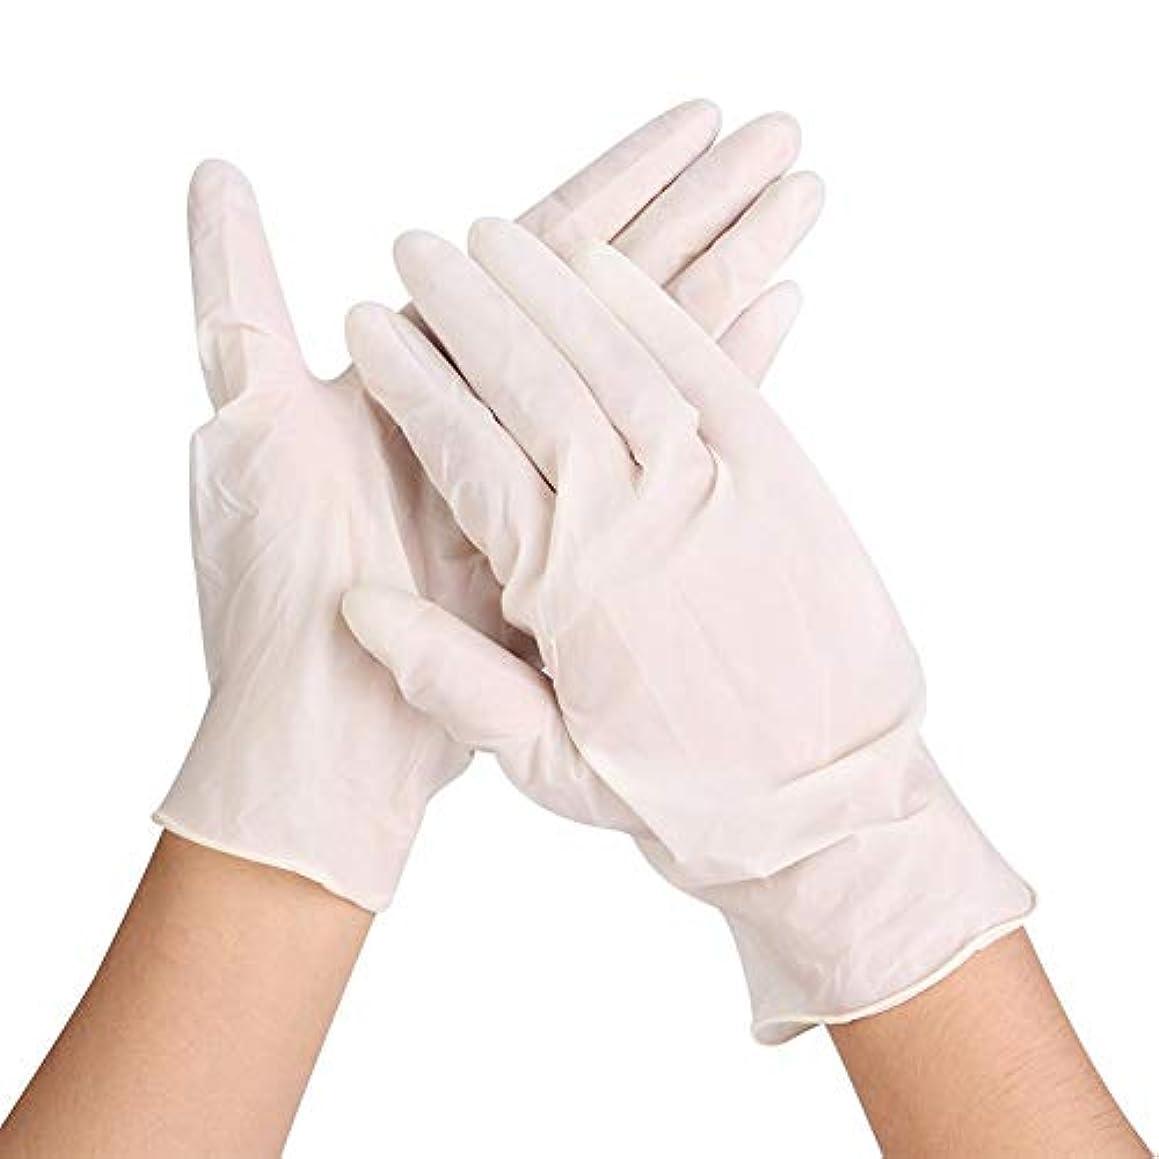 競争力のあるペイント恥ラテックス手袋、食器洗い、キッチン、作業用、ガーデン手袋用の使い捨て伸縮性耐久性手袋50個